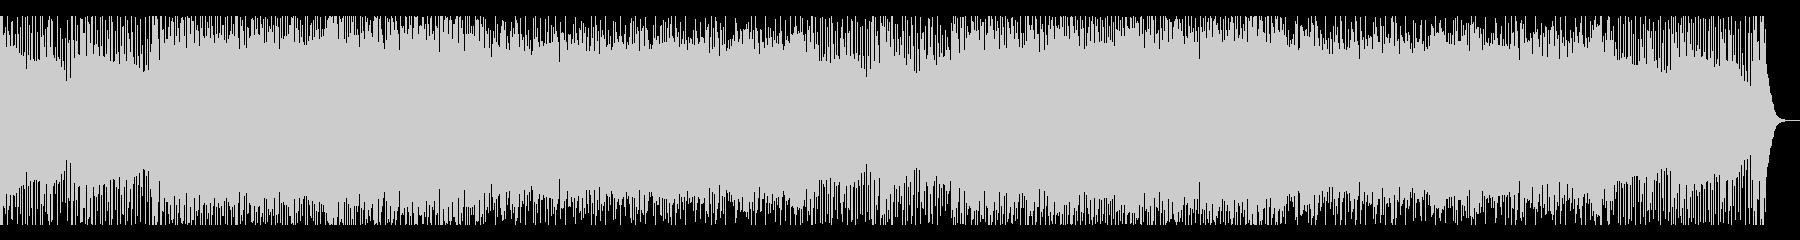 三味線がメインの激しい和風ロック/メタルの未再生の波形